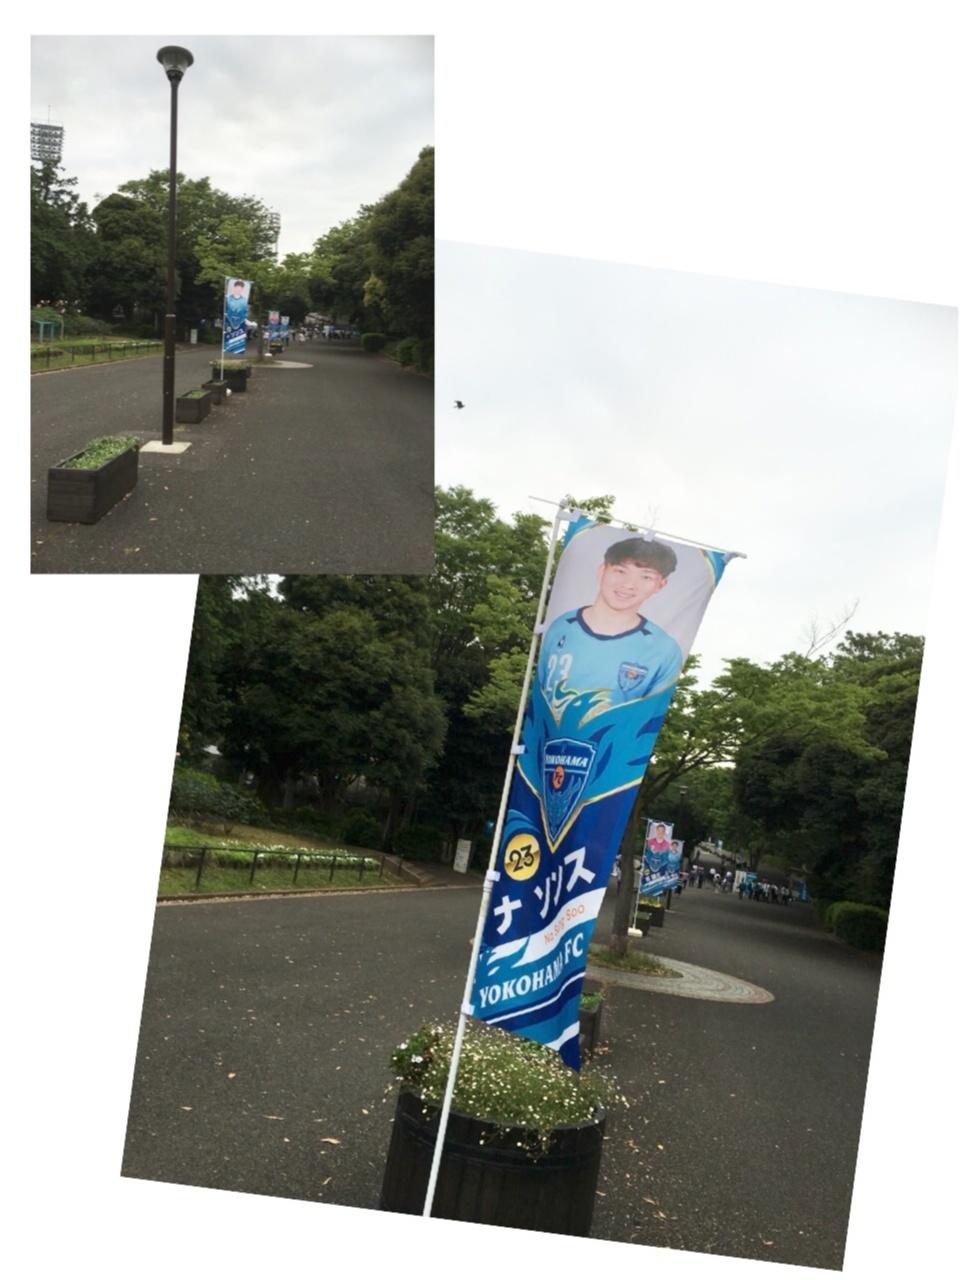 ♡【サッカー観戦】横浜FCvs水戸ホーリーホック♡モアハピ◡̈のぞみ♡_3